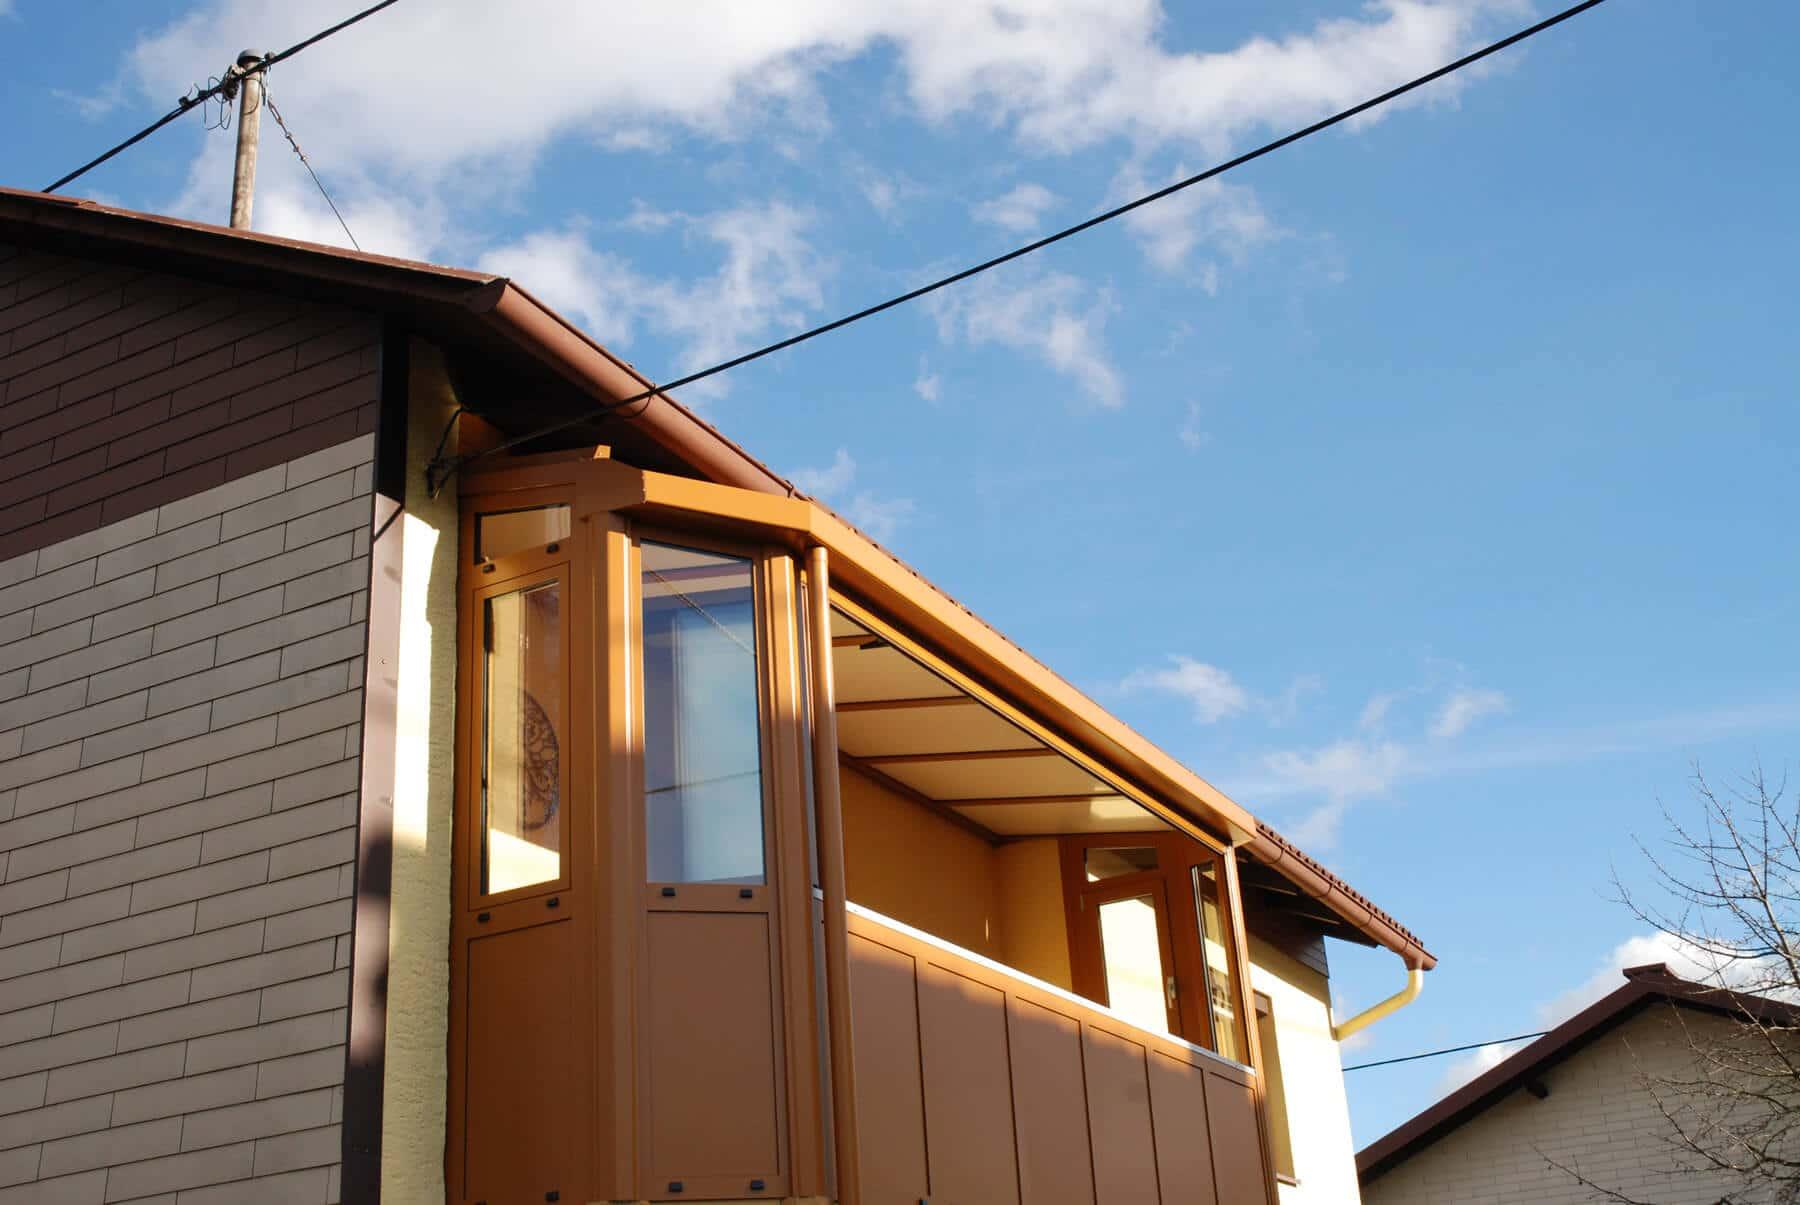 Balkonverglasung ockerbraun mit Seitenteilen und geschlossenem Dach